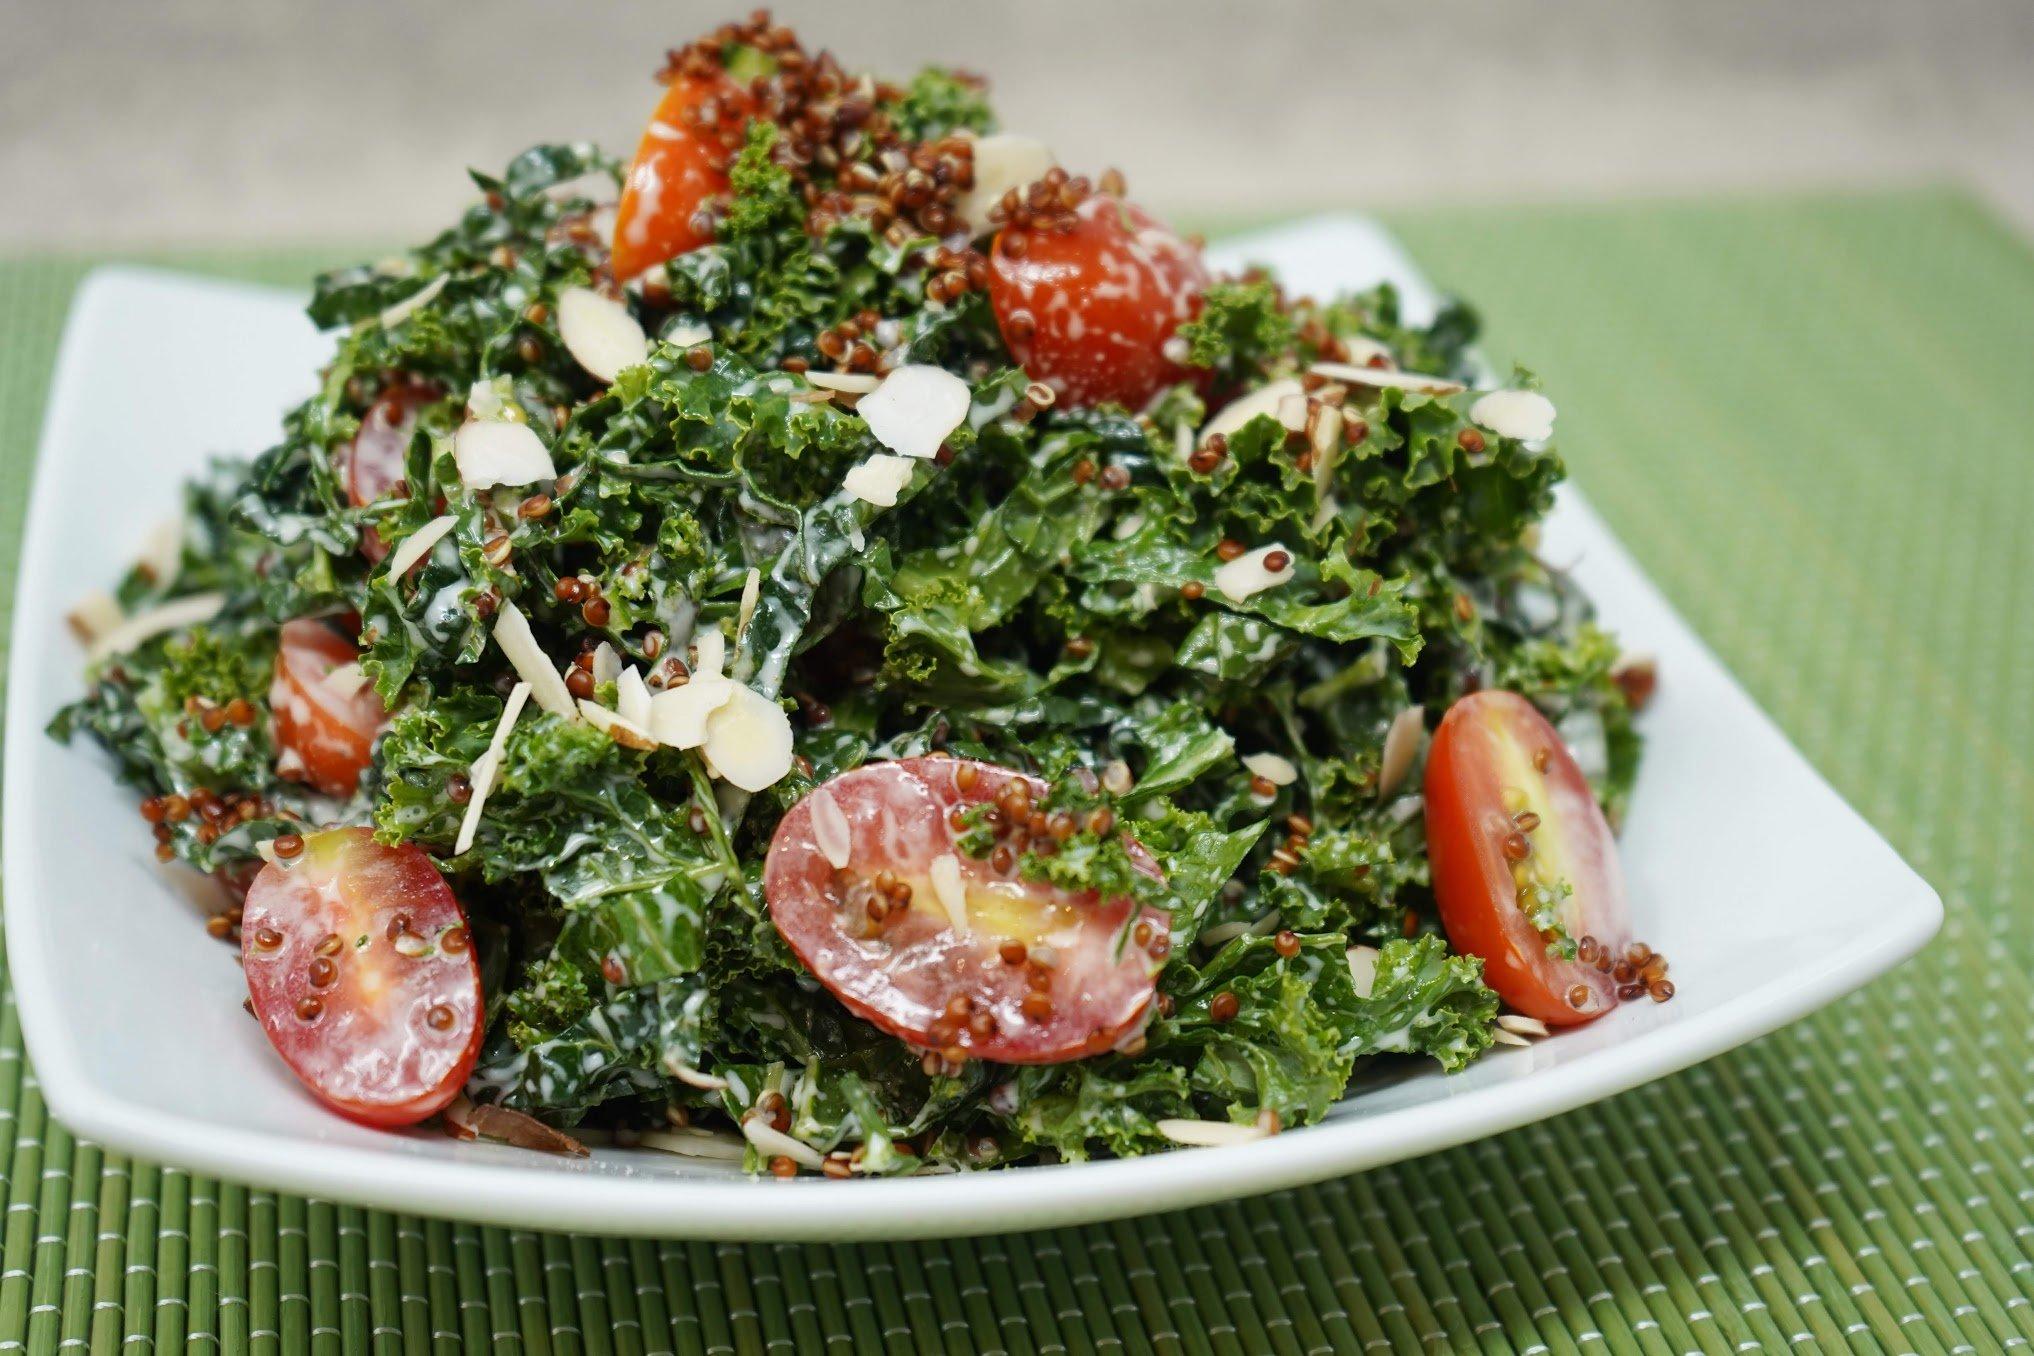 Best-Salad-Miami-SoBeVegan-SuperFood-Salad-10-6-19